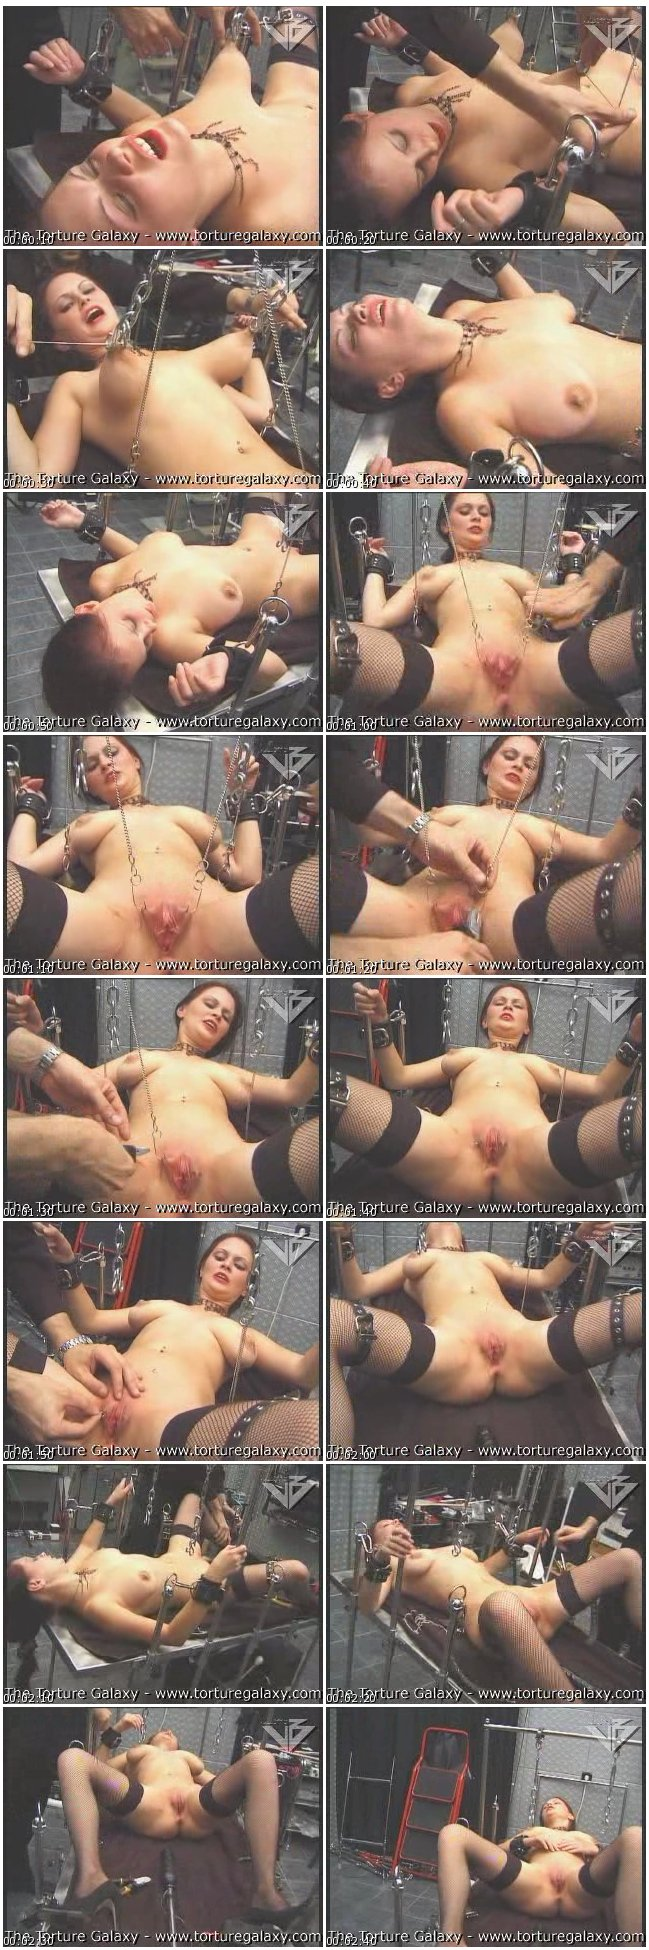 torturegalaxy-s116_thumb,